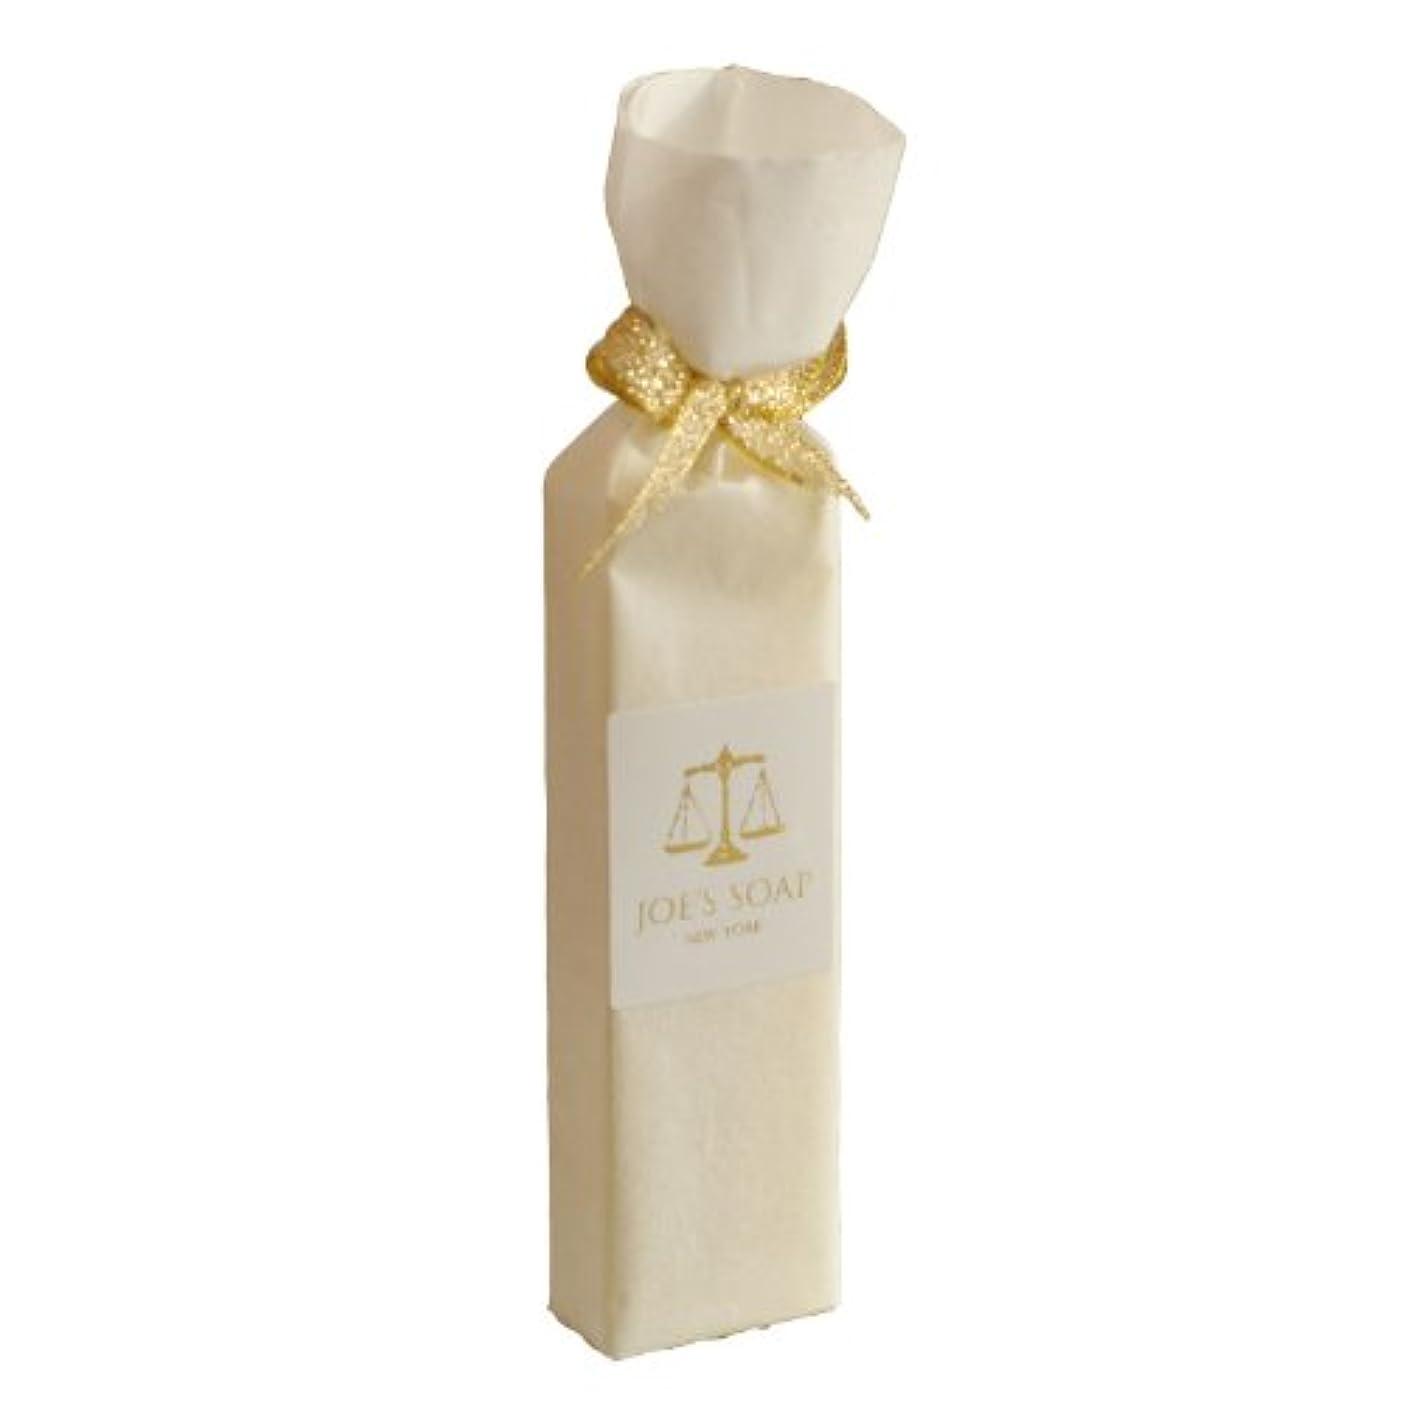 連鎖まさにうめき声JOE'S SOAP ジョーズソープ オリーブソープ NO.1 20g お試し 石鹸 無香料 無添加 オーガニック 洗顔 洗顔料 保湿 オリーブ 石けん せっけん 固形 乾燥肌 敏感肌 ベビー 赤ちゃん ギフト プレゼント 宅配便